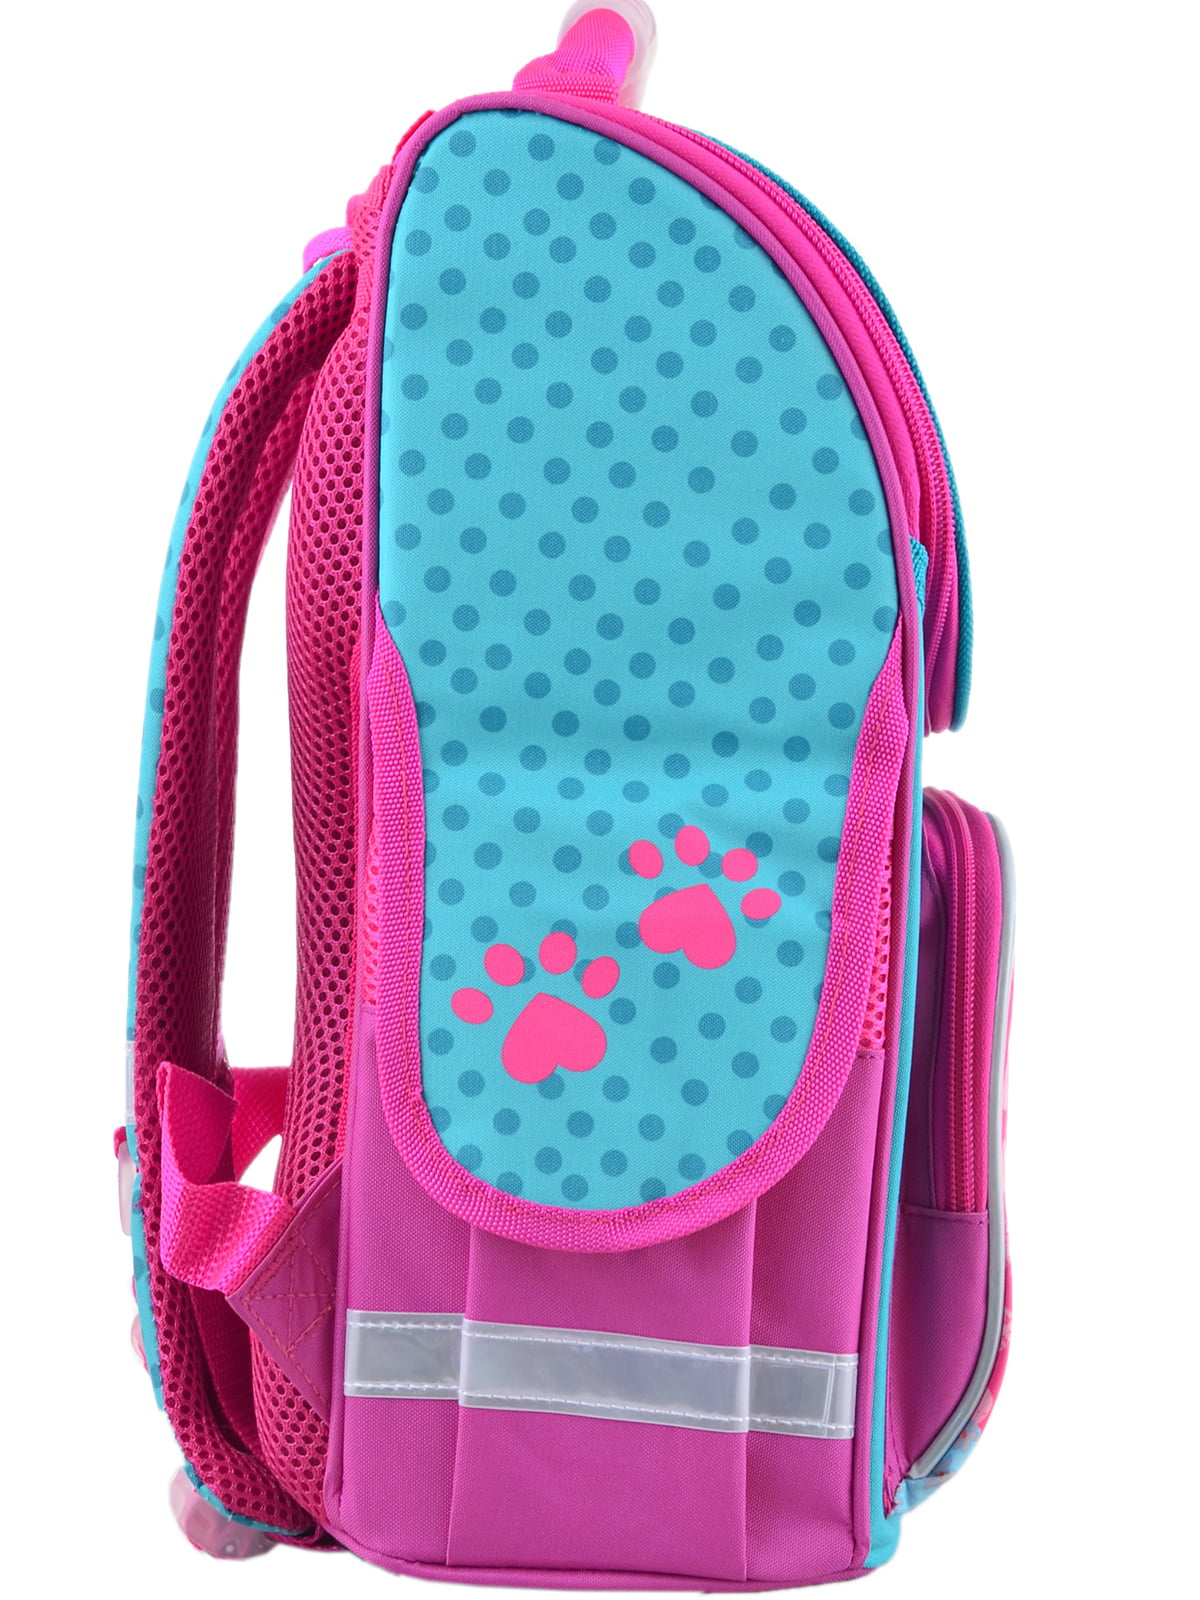 Рюкзак рожевий з принтом | 4235635 | фото 5